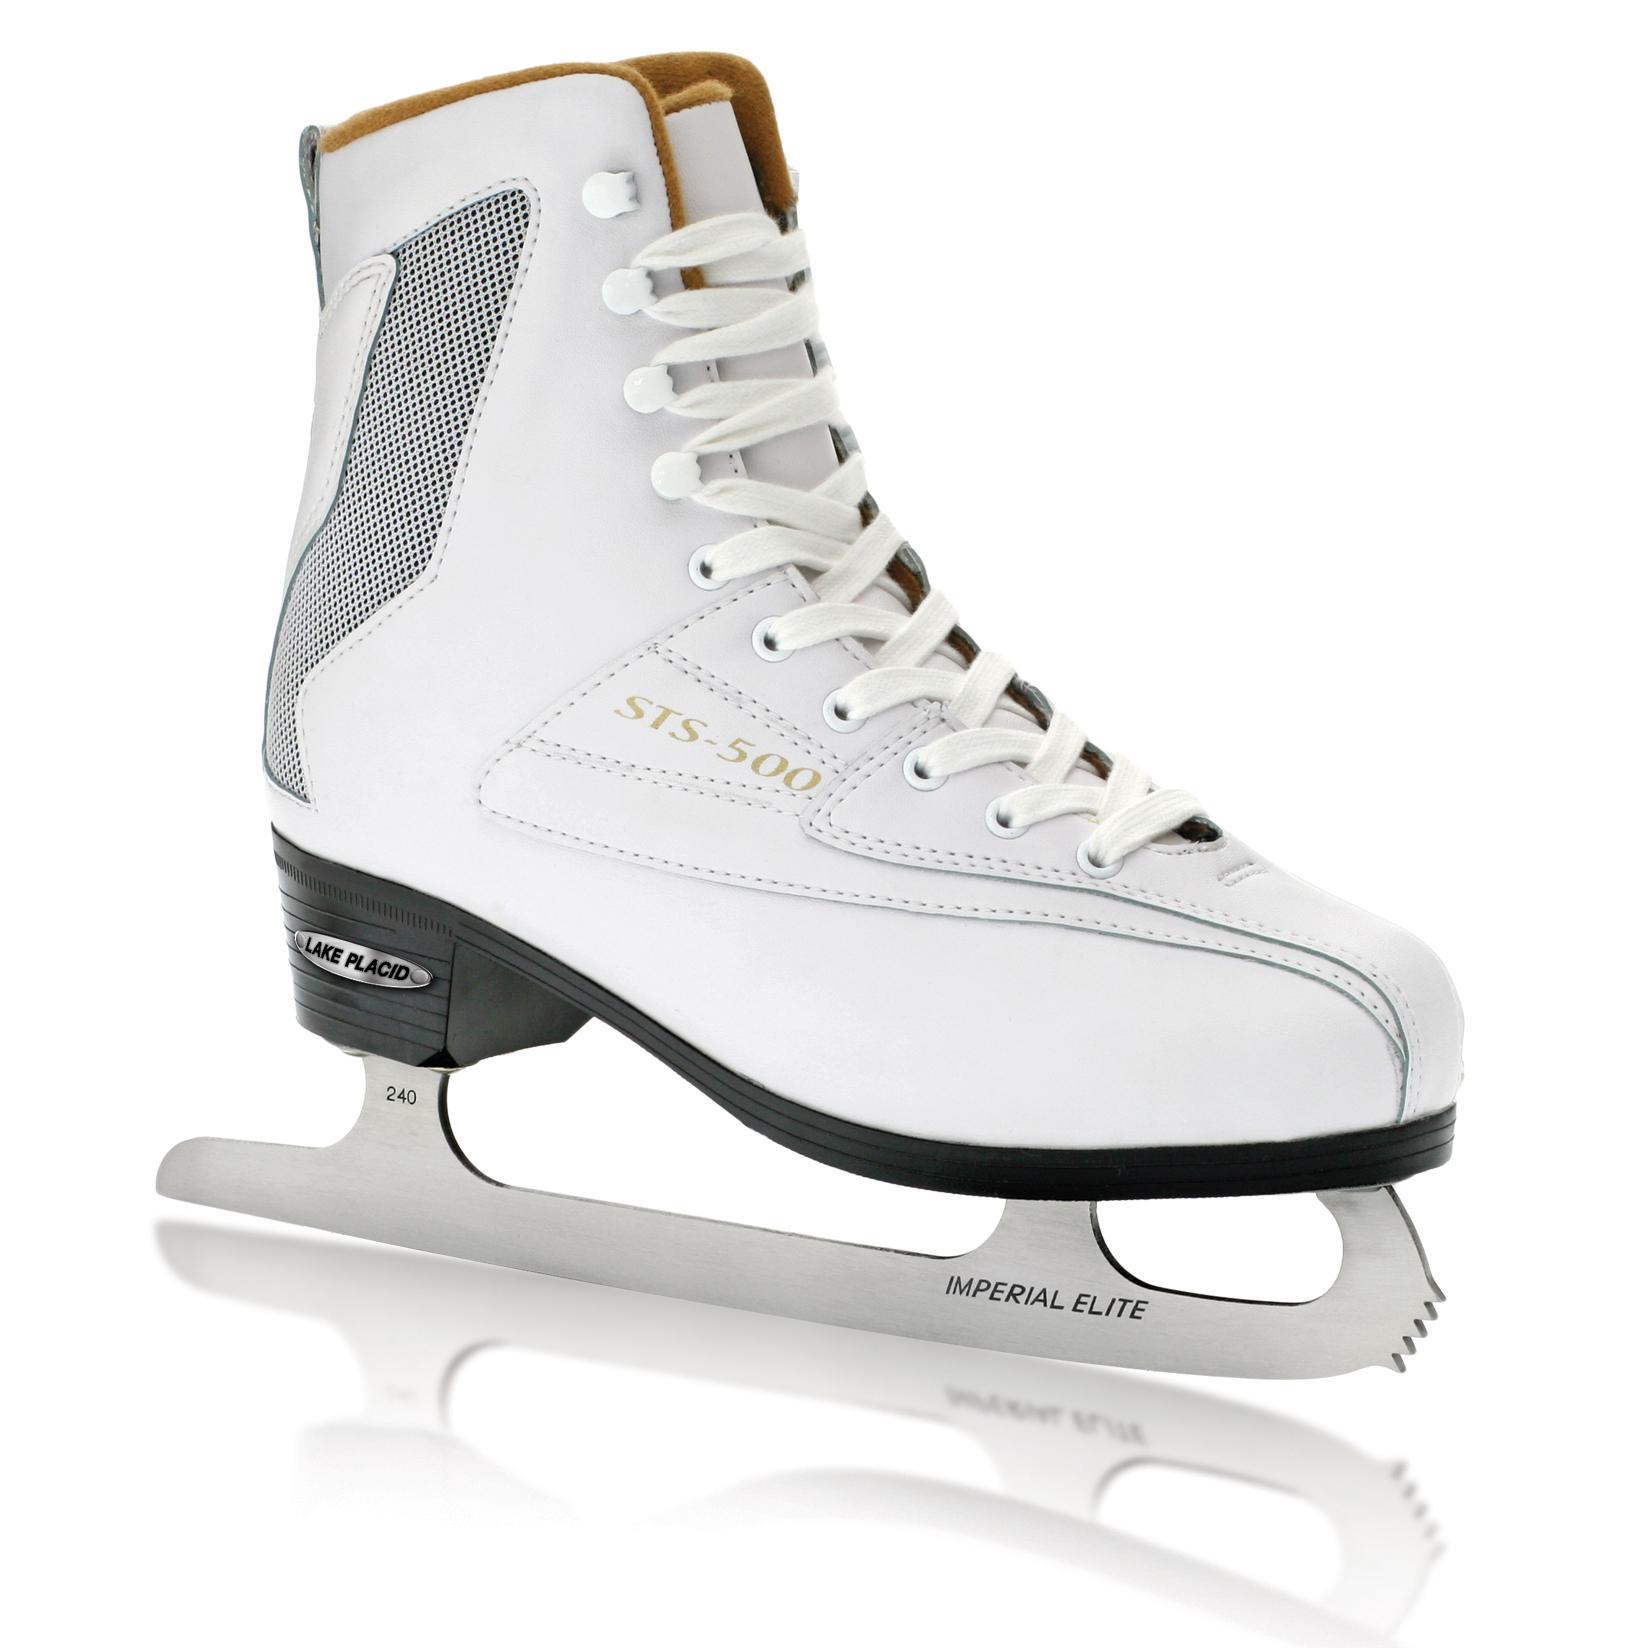 Women's Sport Figure Ice Skate